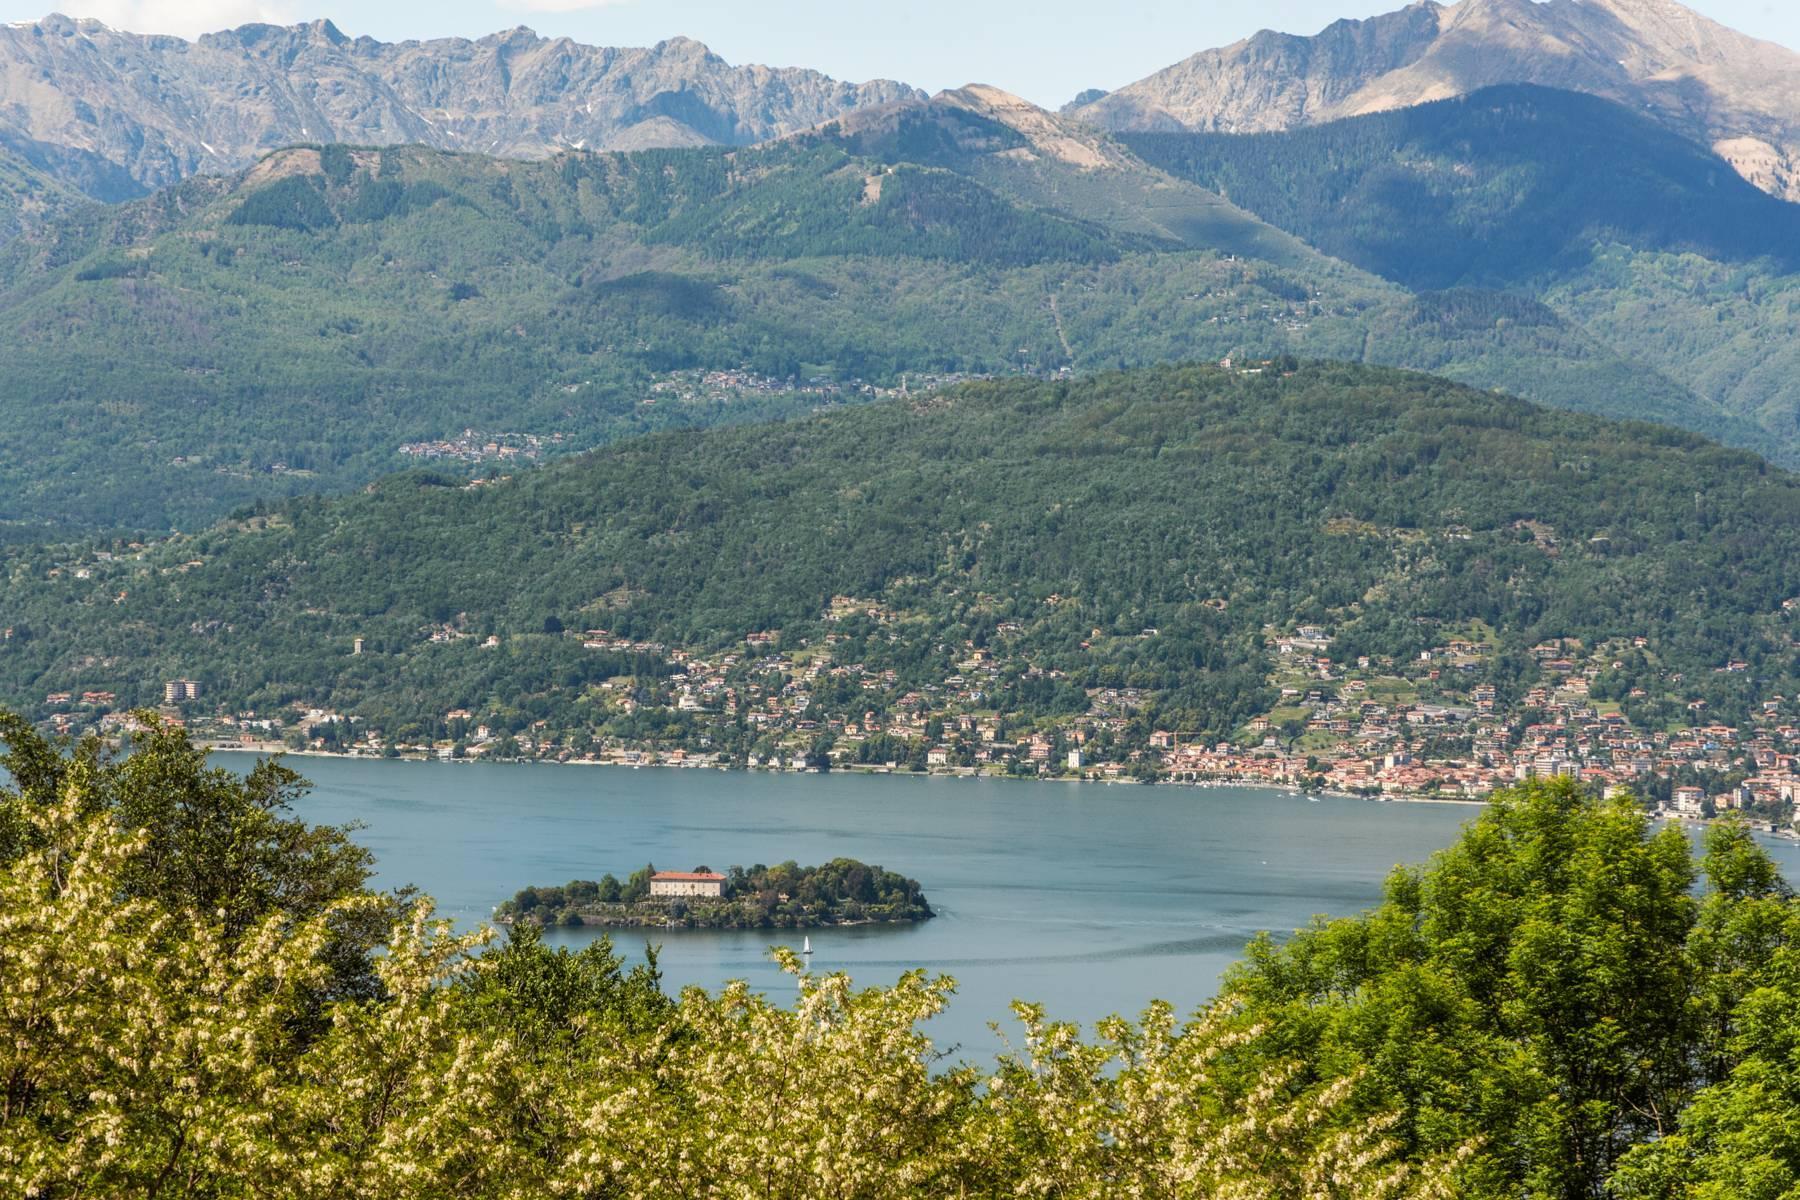 Propriété de charme sur les collines de Stresa - 2